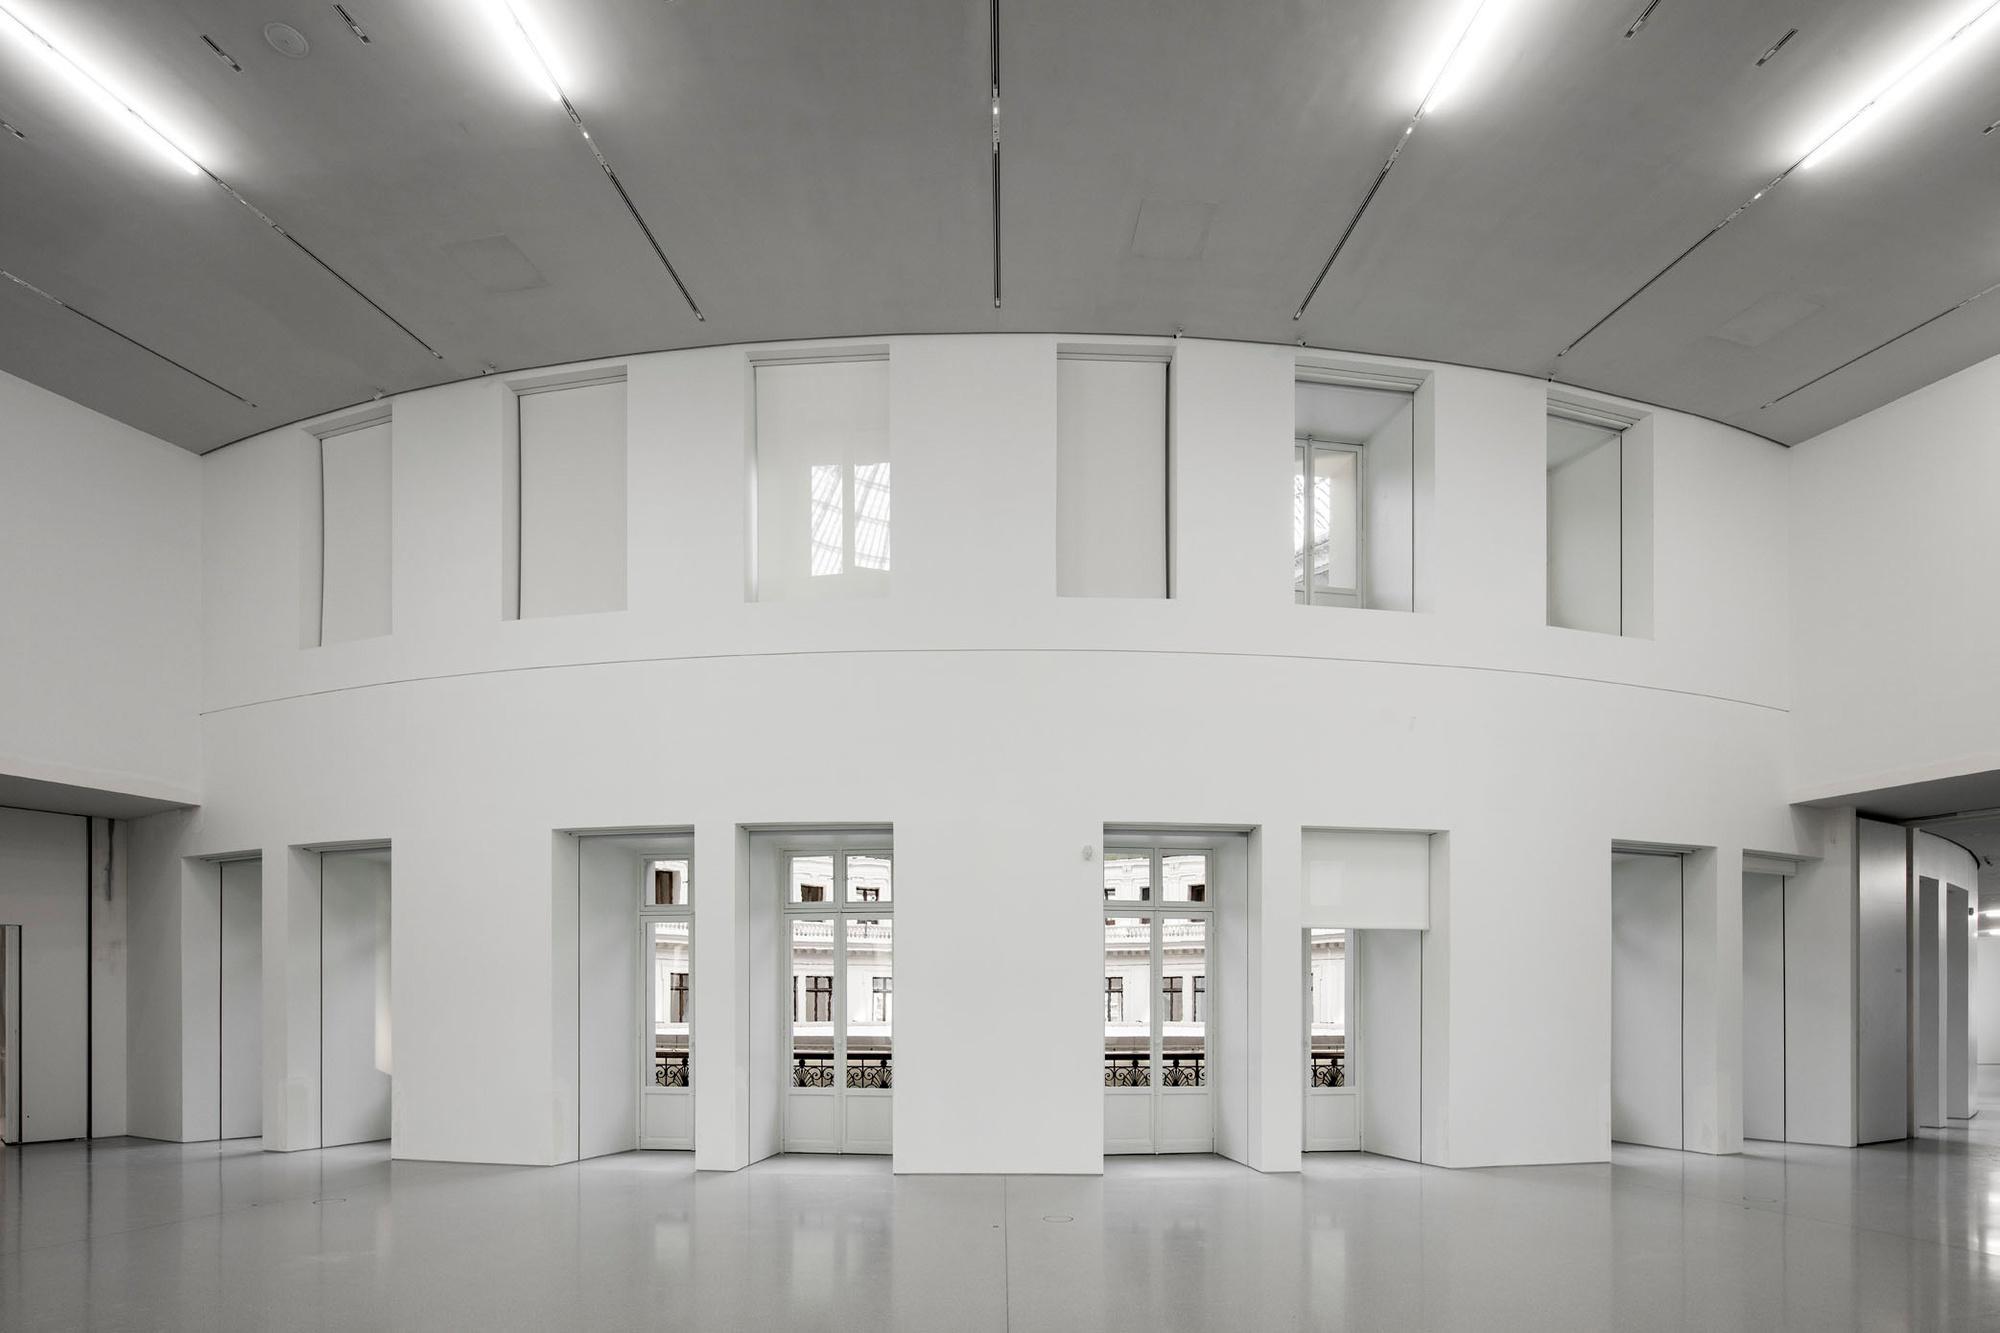 Galerie d'exposition mars 2020. Bourse de Commerce - Pinault Collection ┬® Tadao Ando Architect & Associates, Niney et Marca Architectes., Patrick Tourneboeuf